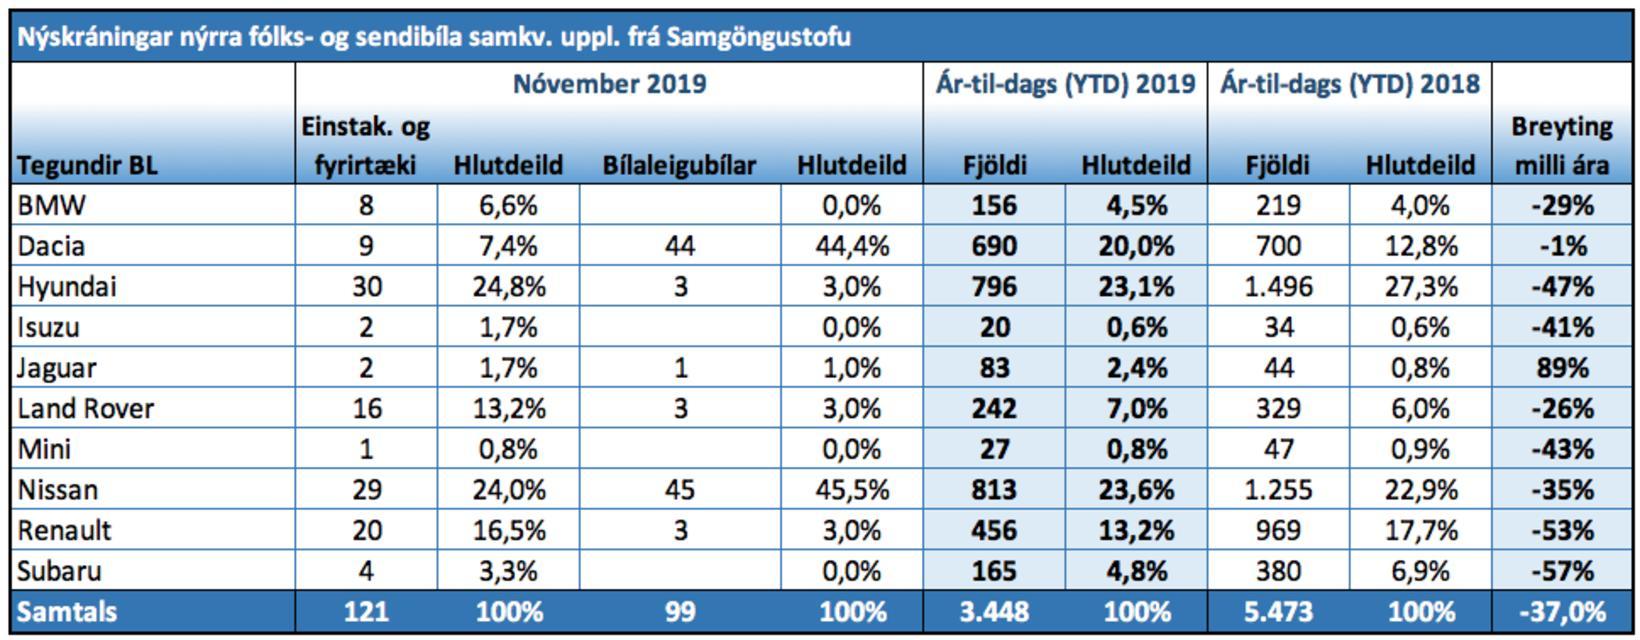 Nýskráningar nýrra fólks- og sendibíla við nóvemberlok.